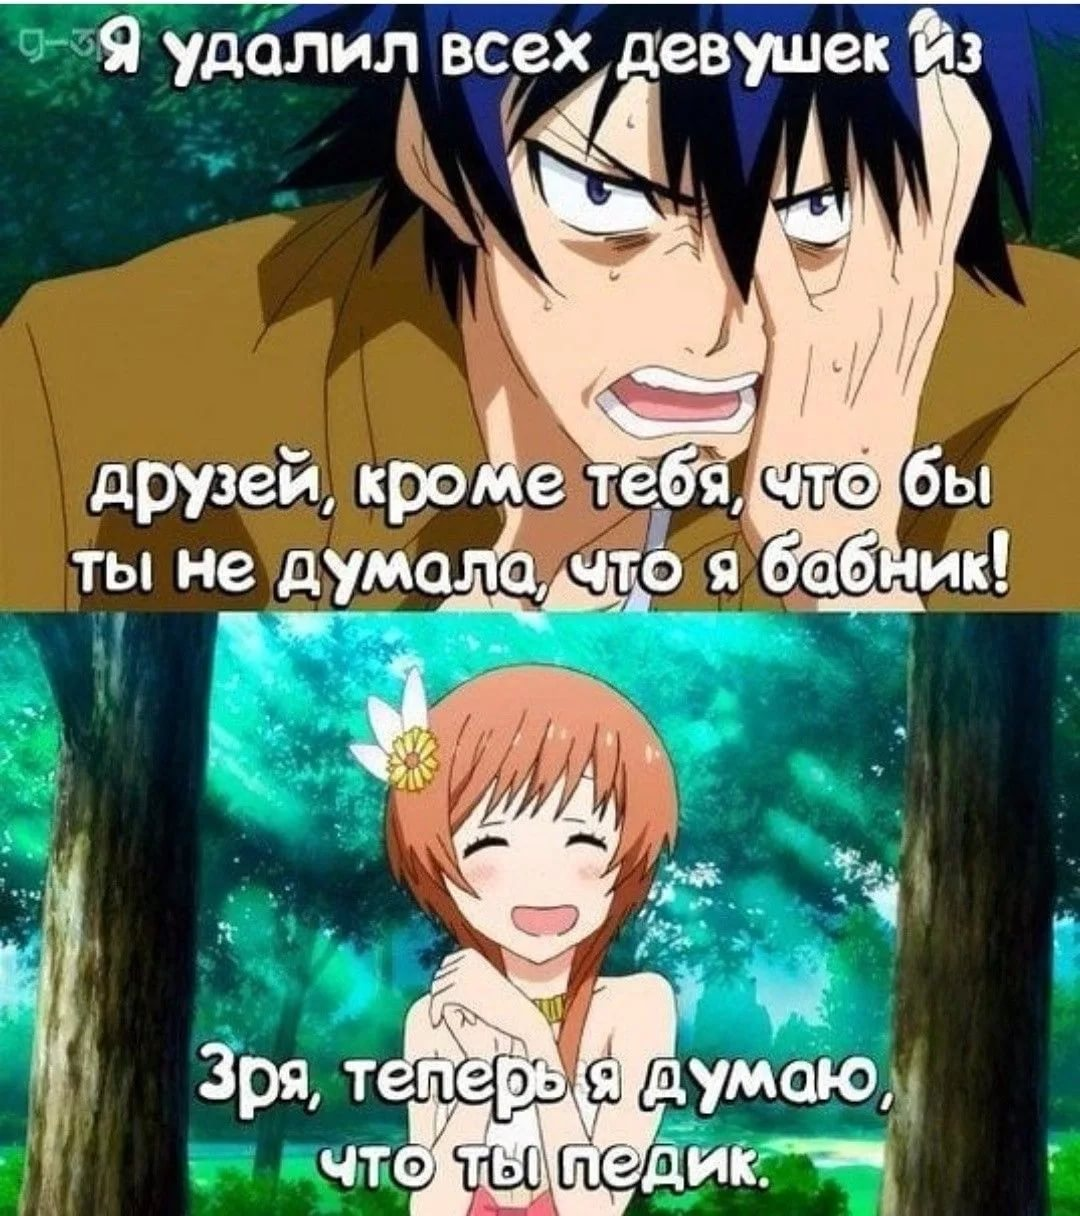 Интересные аниме мемы на русском 11